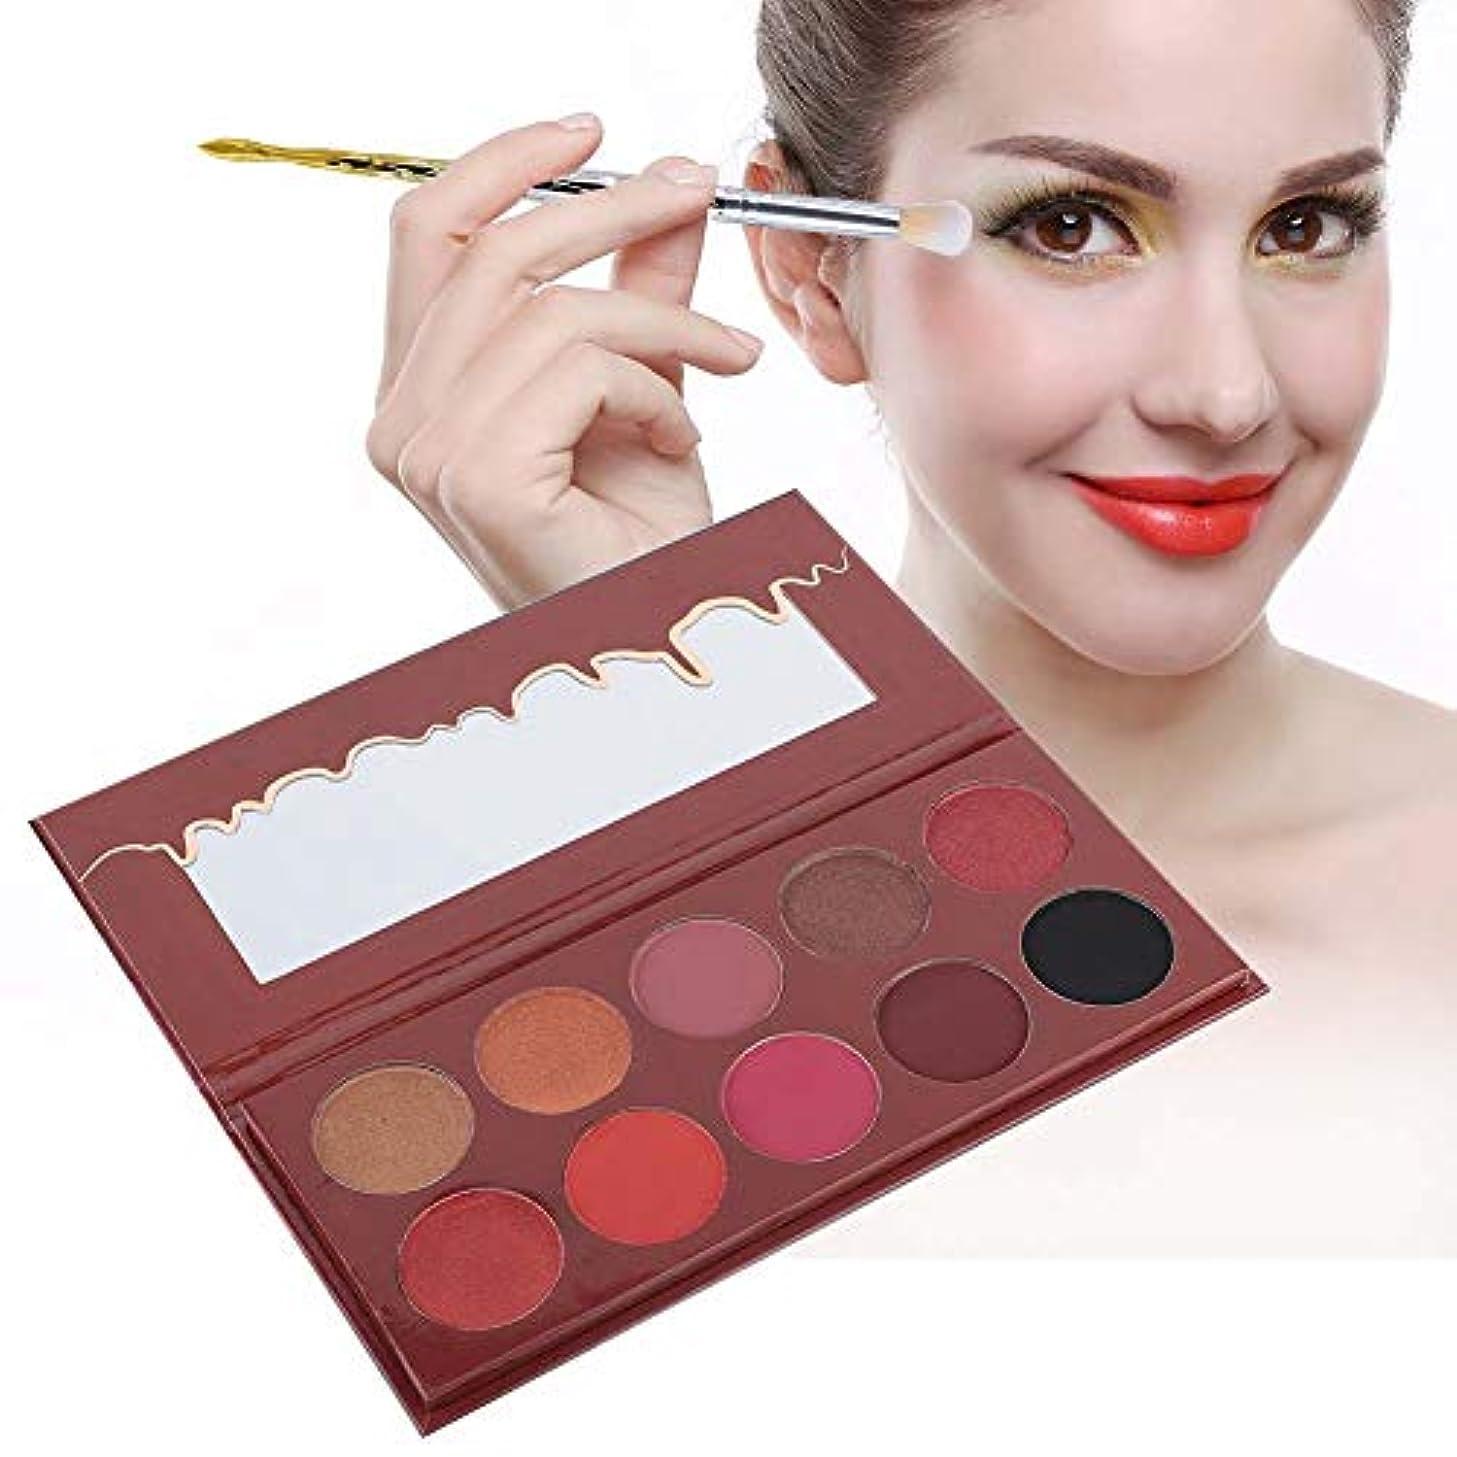 処方する予防接種ミケランジェロ10色 アイシャドウパレット アイシャドウパレット 化粧マット グロス アイシャドウパウダー 化粧品ツール